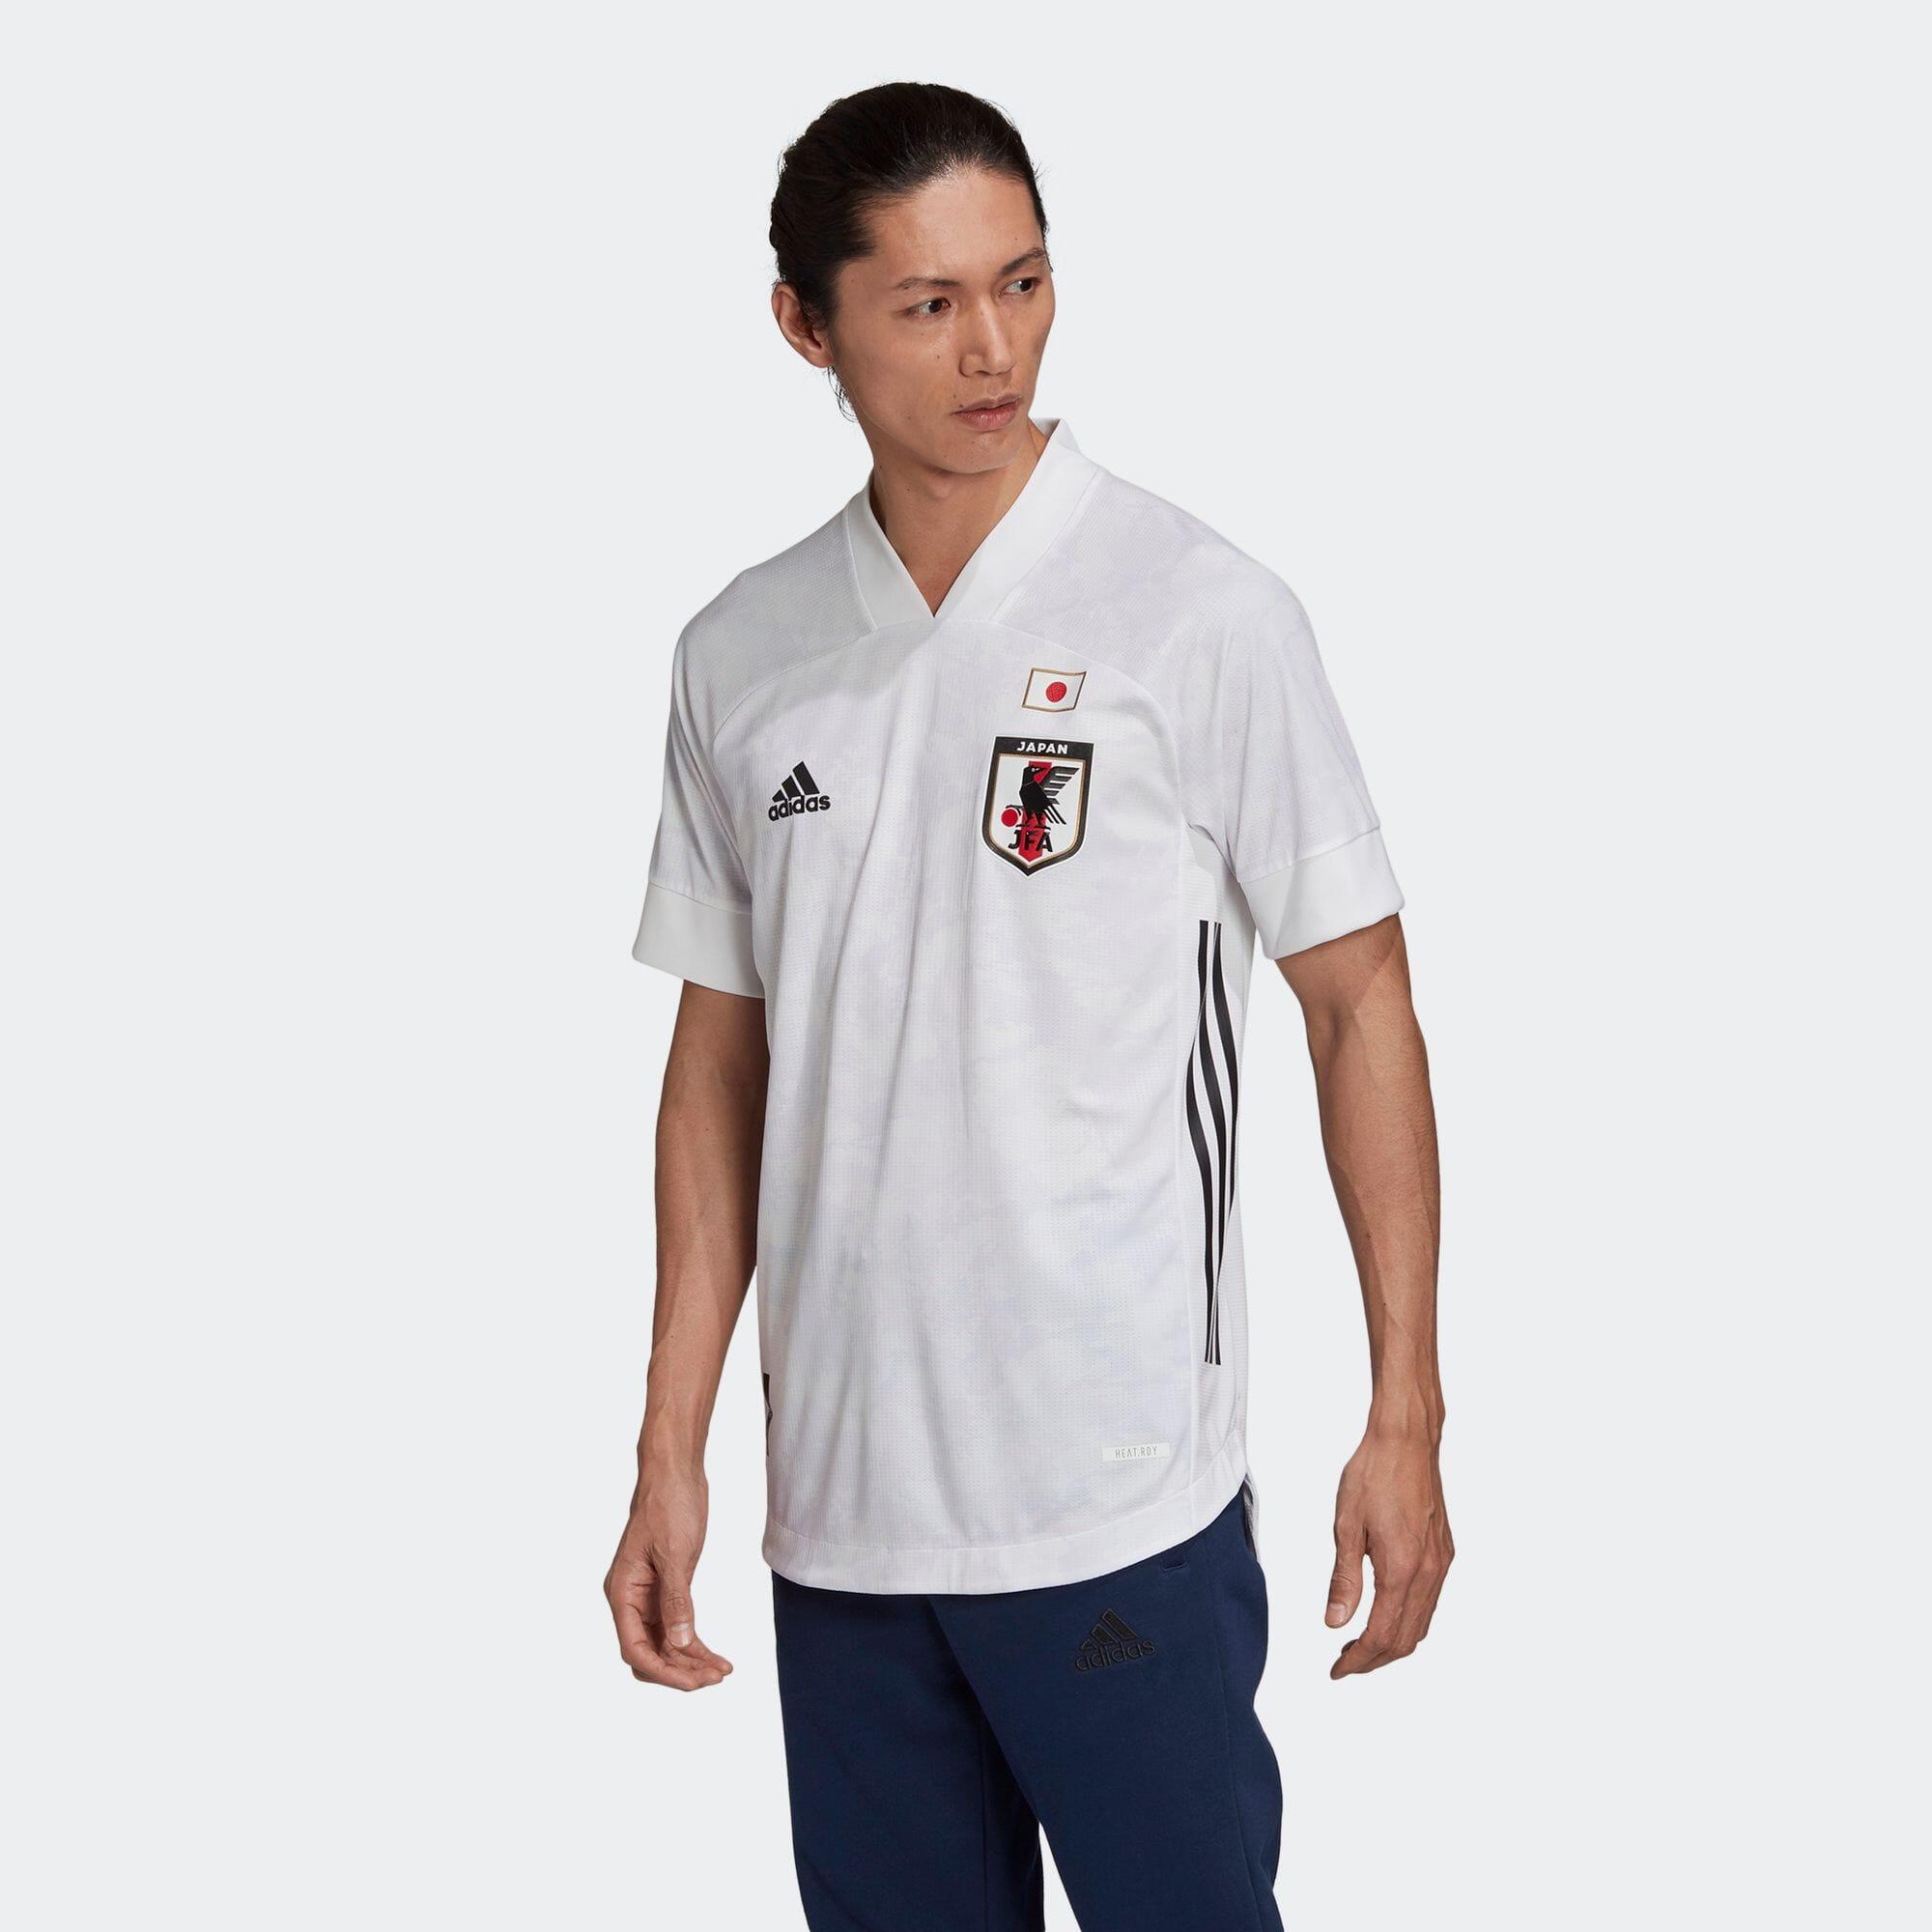 サッカー日本代表 2020 アウェイオーセンティックユニフォーム / Japan Away Authentic Jersey